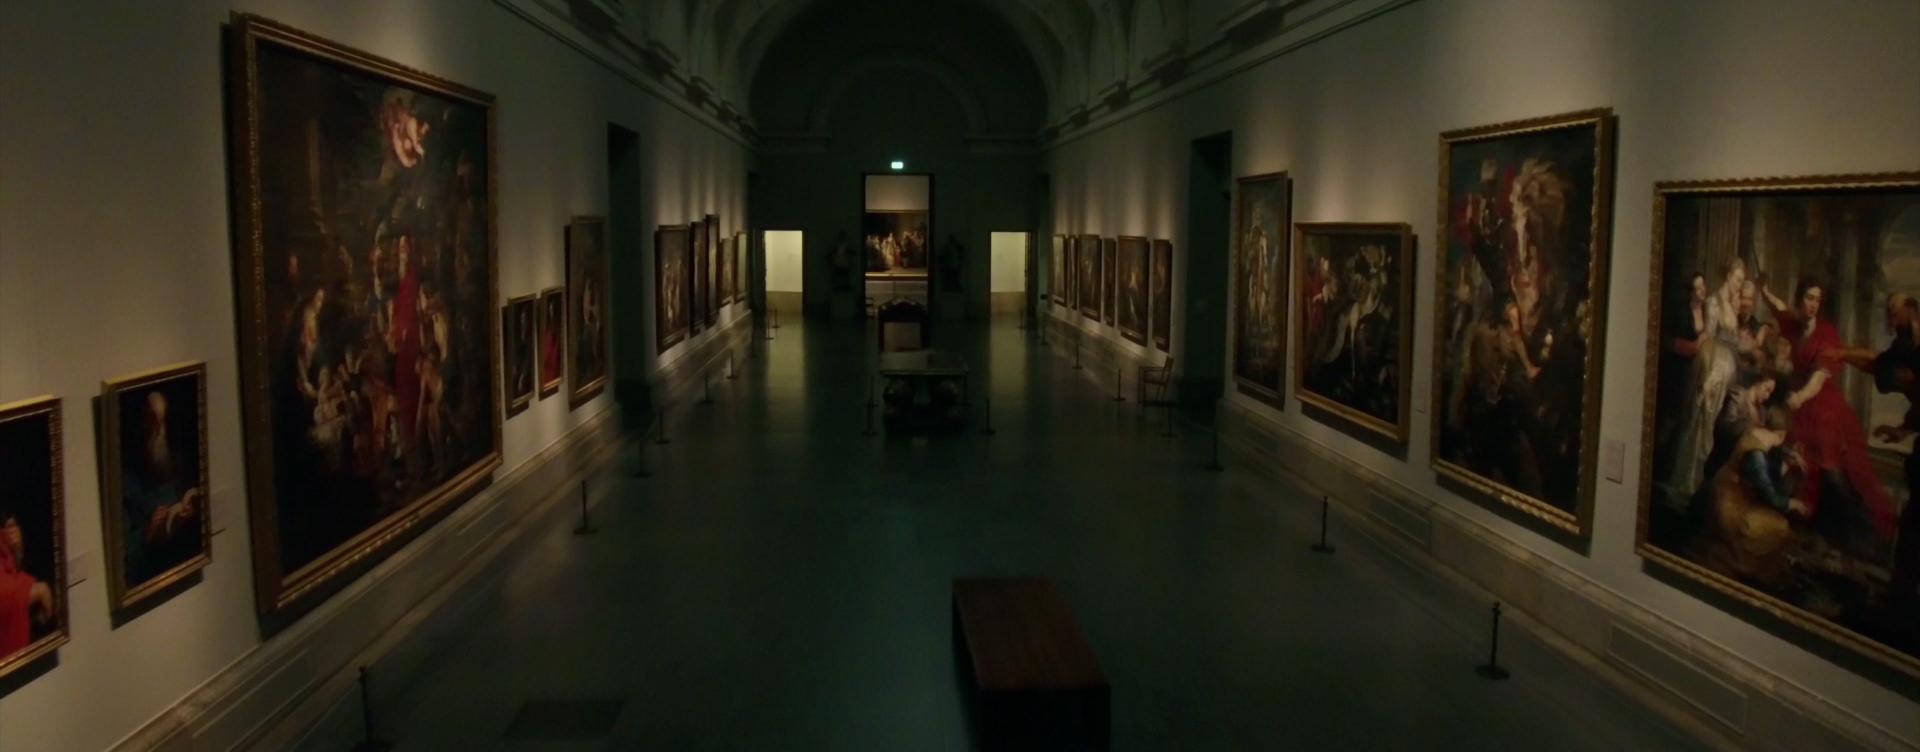 Antaviana_Films_El_Espíritu_de_la_pintura_Isabel_Coixet